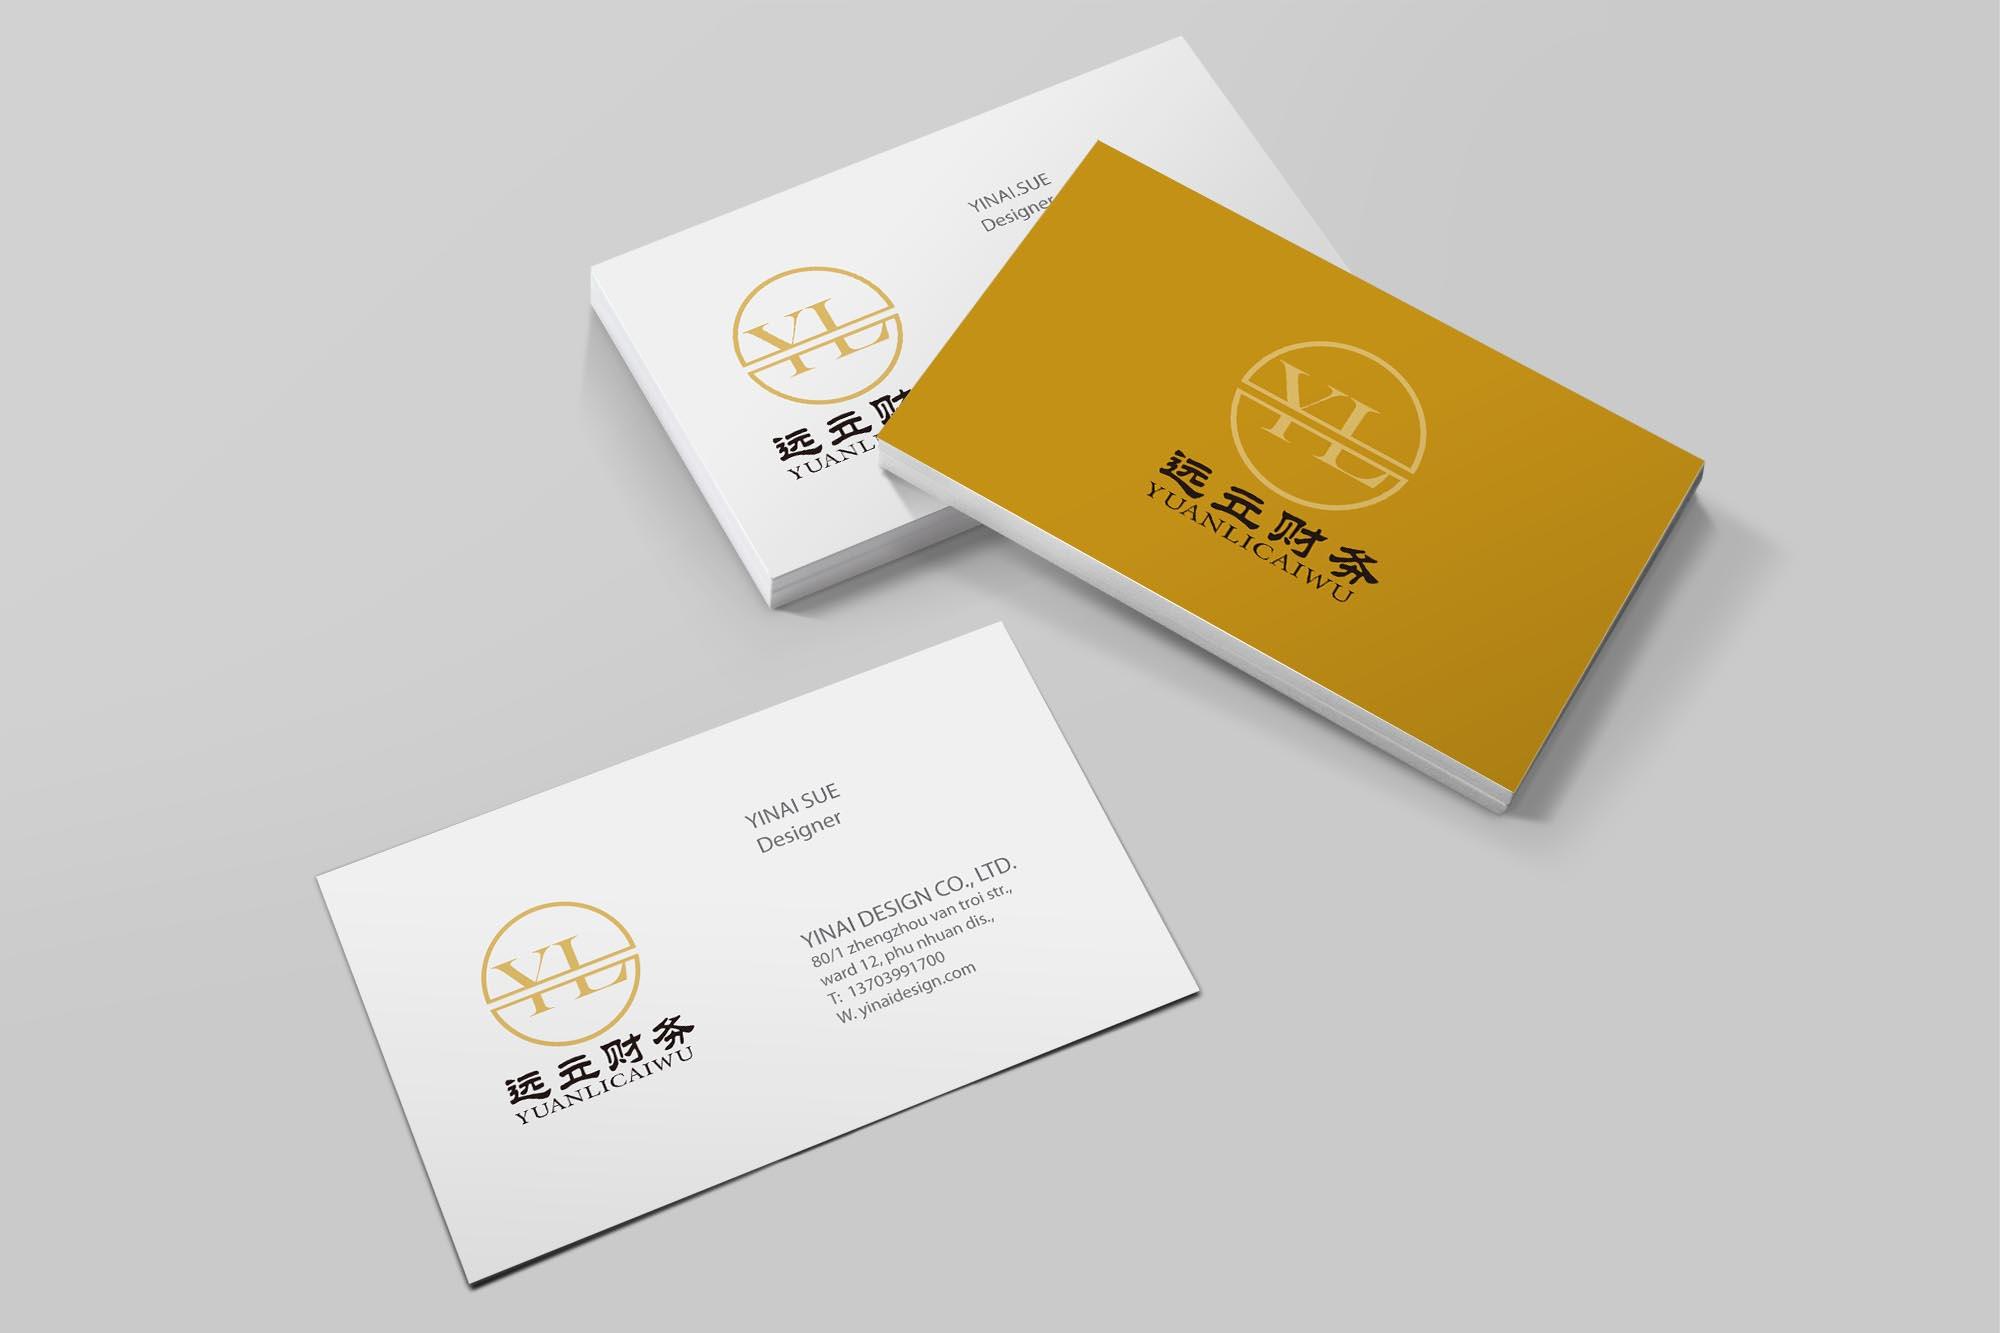 财务代账公司logo设计_3033372_k68威客网